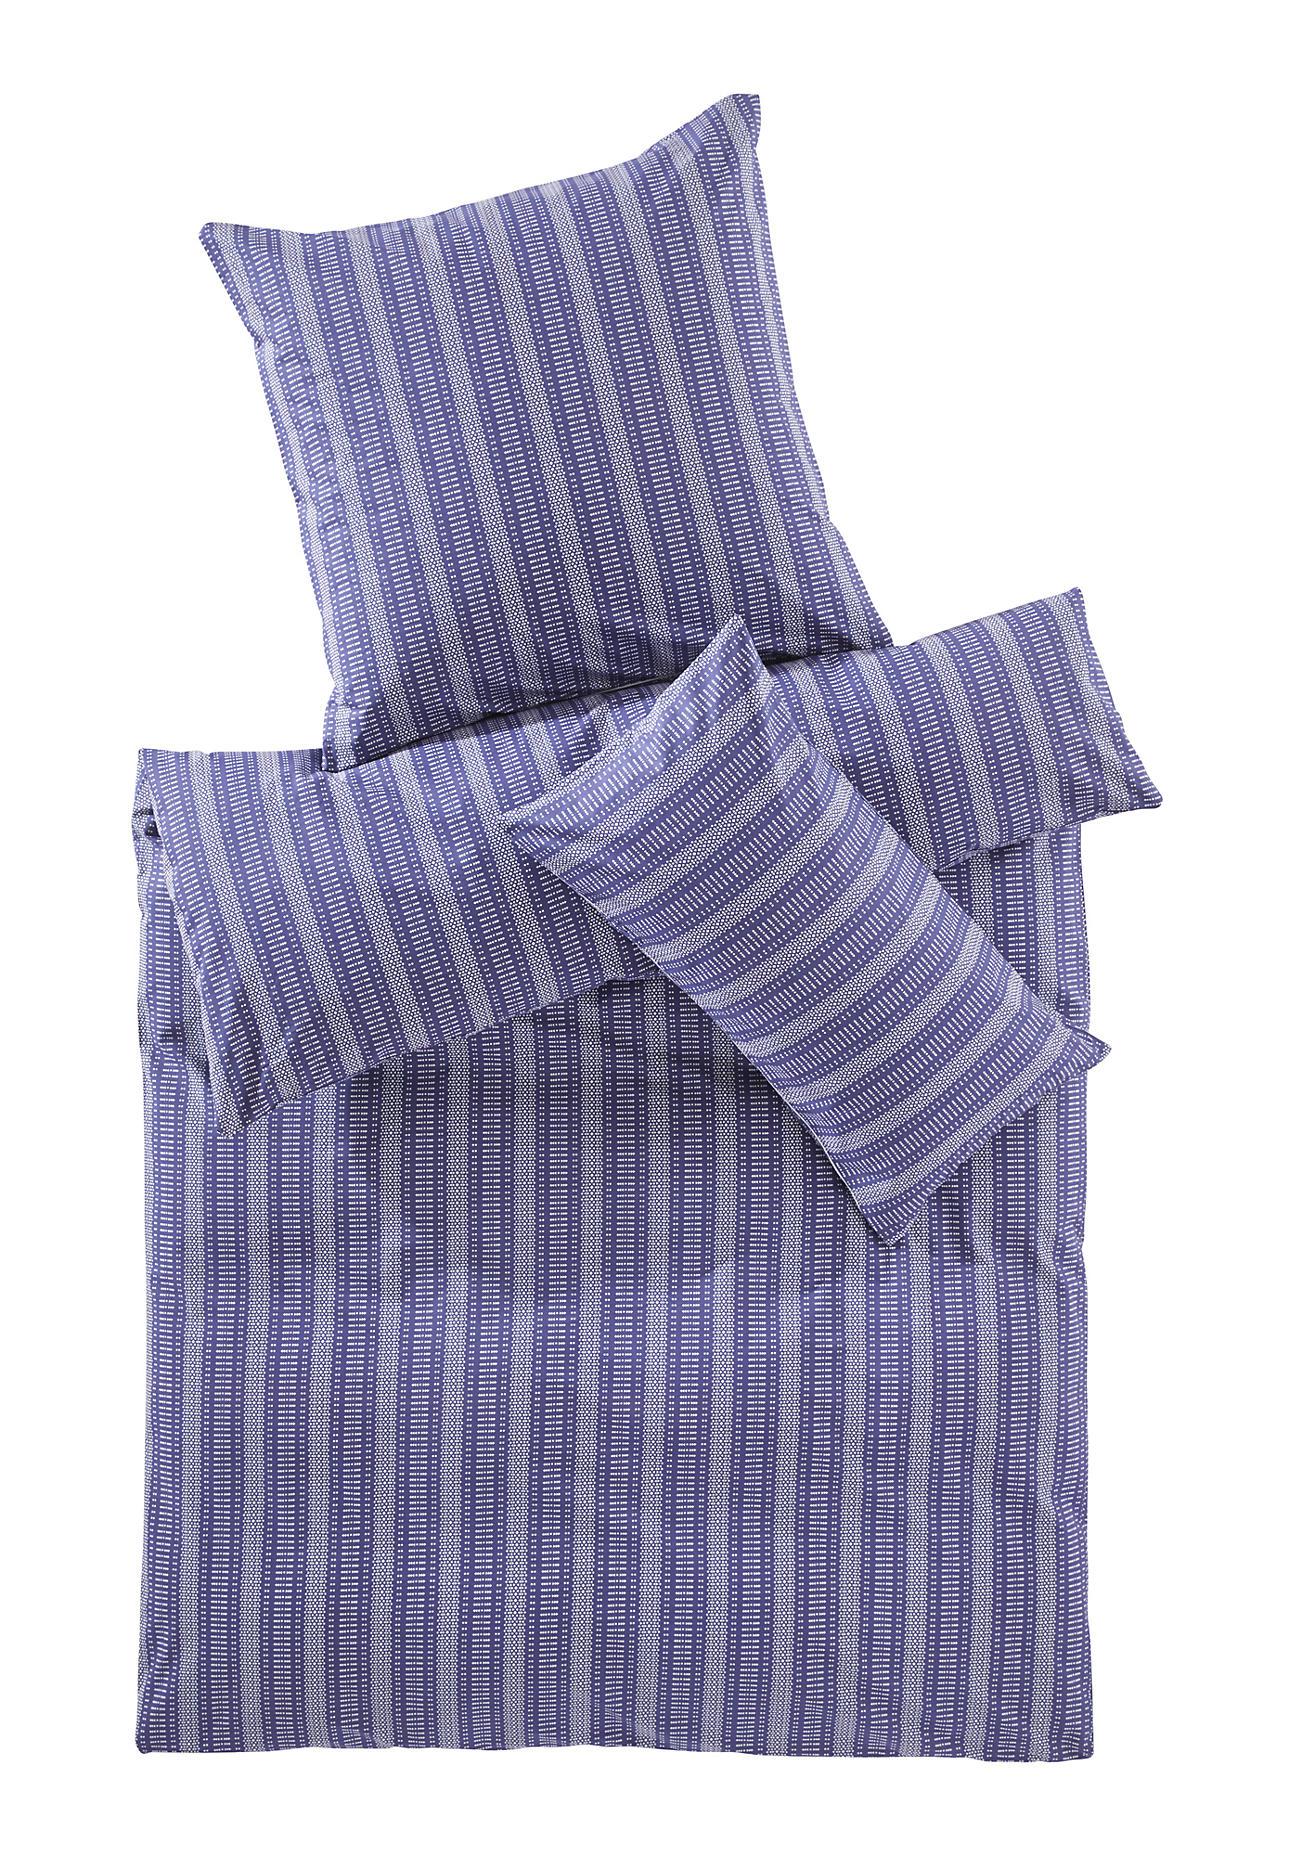 hessnatur Perkal-Bettwäsche Triana aus Bio-Baumwolle – blau – Größe 135x200+40x80 cm